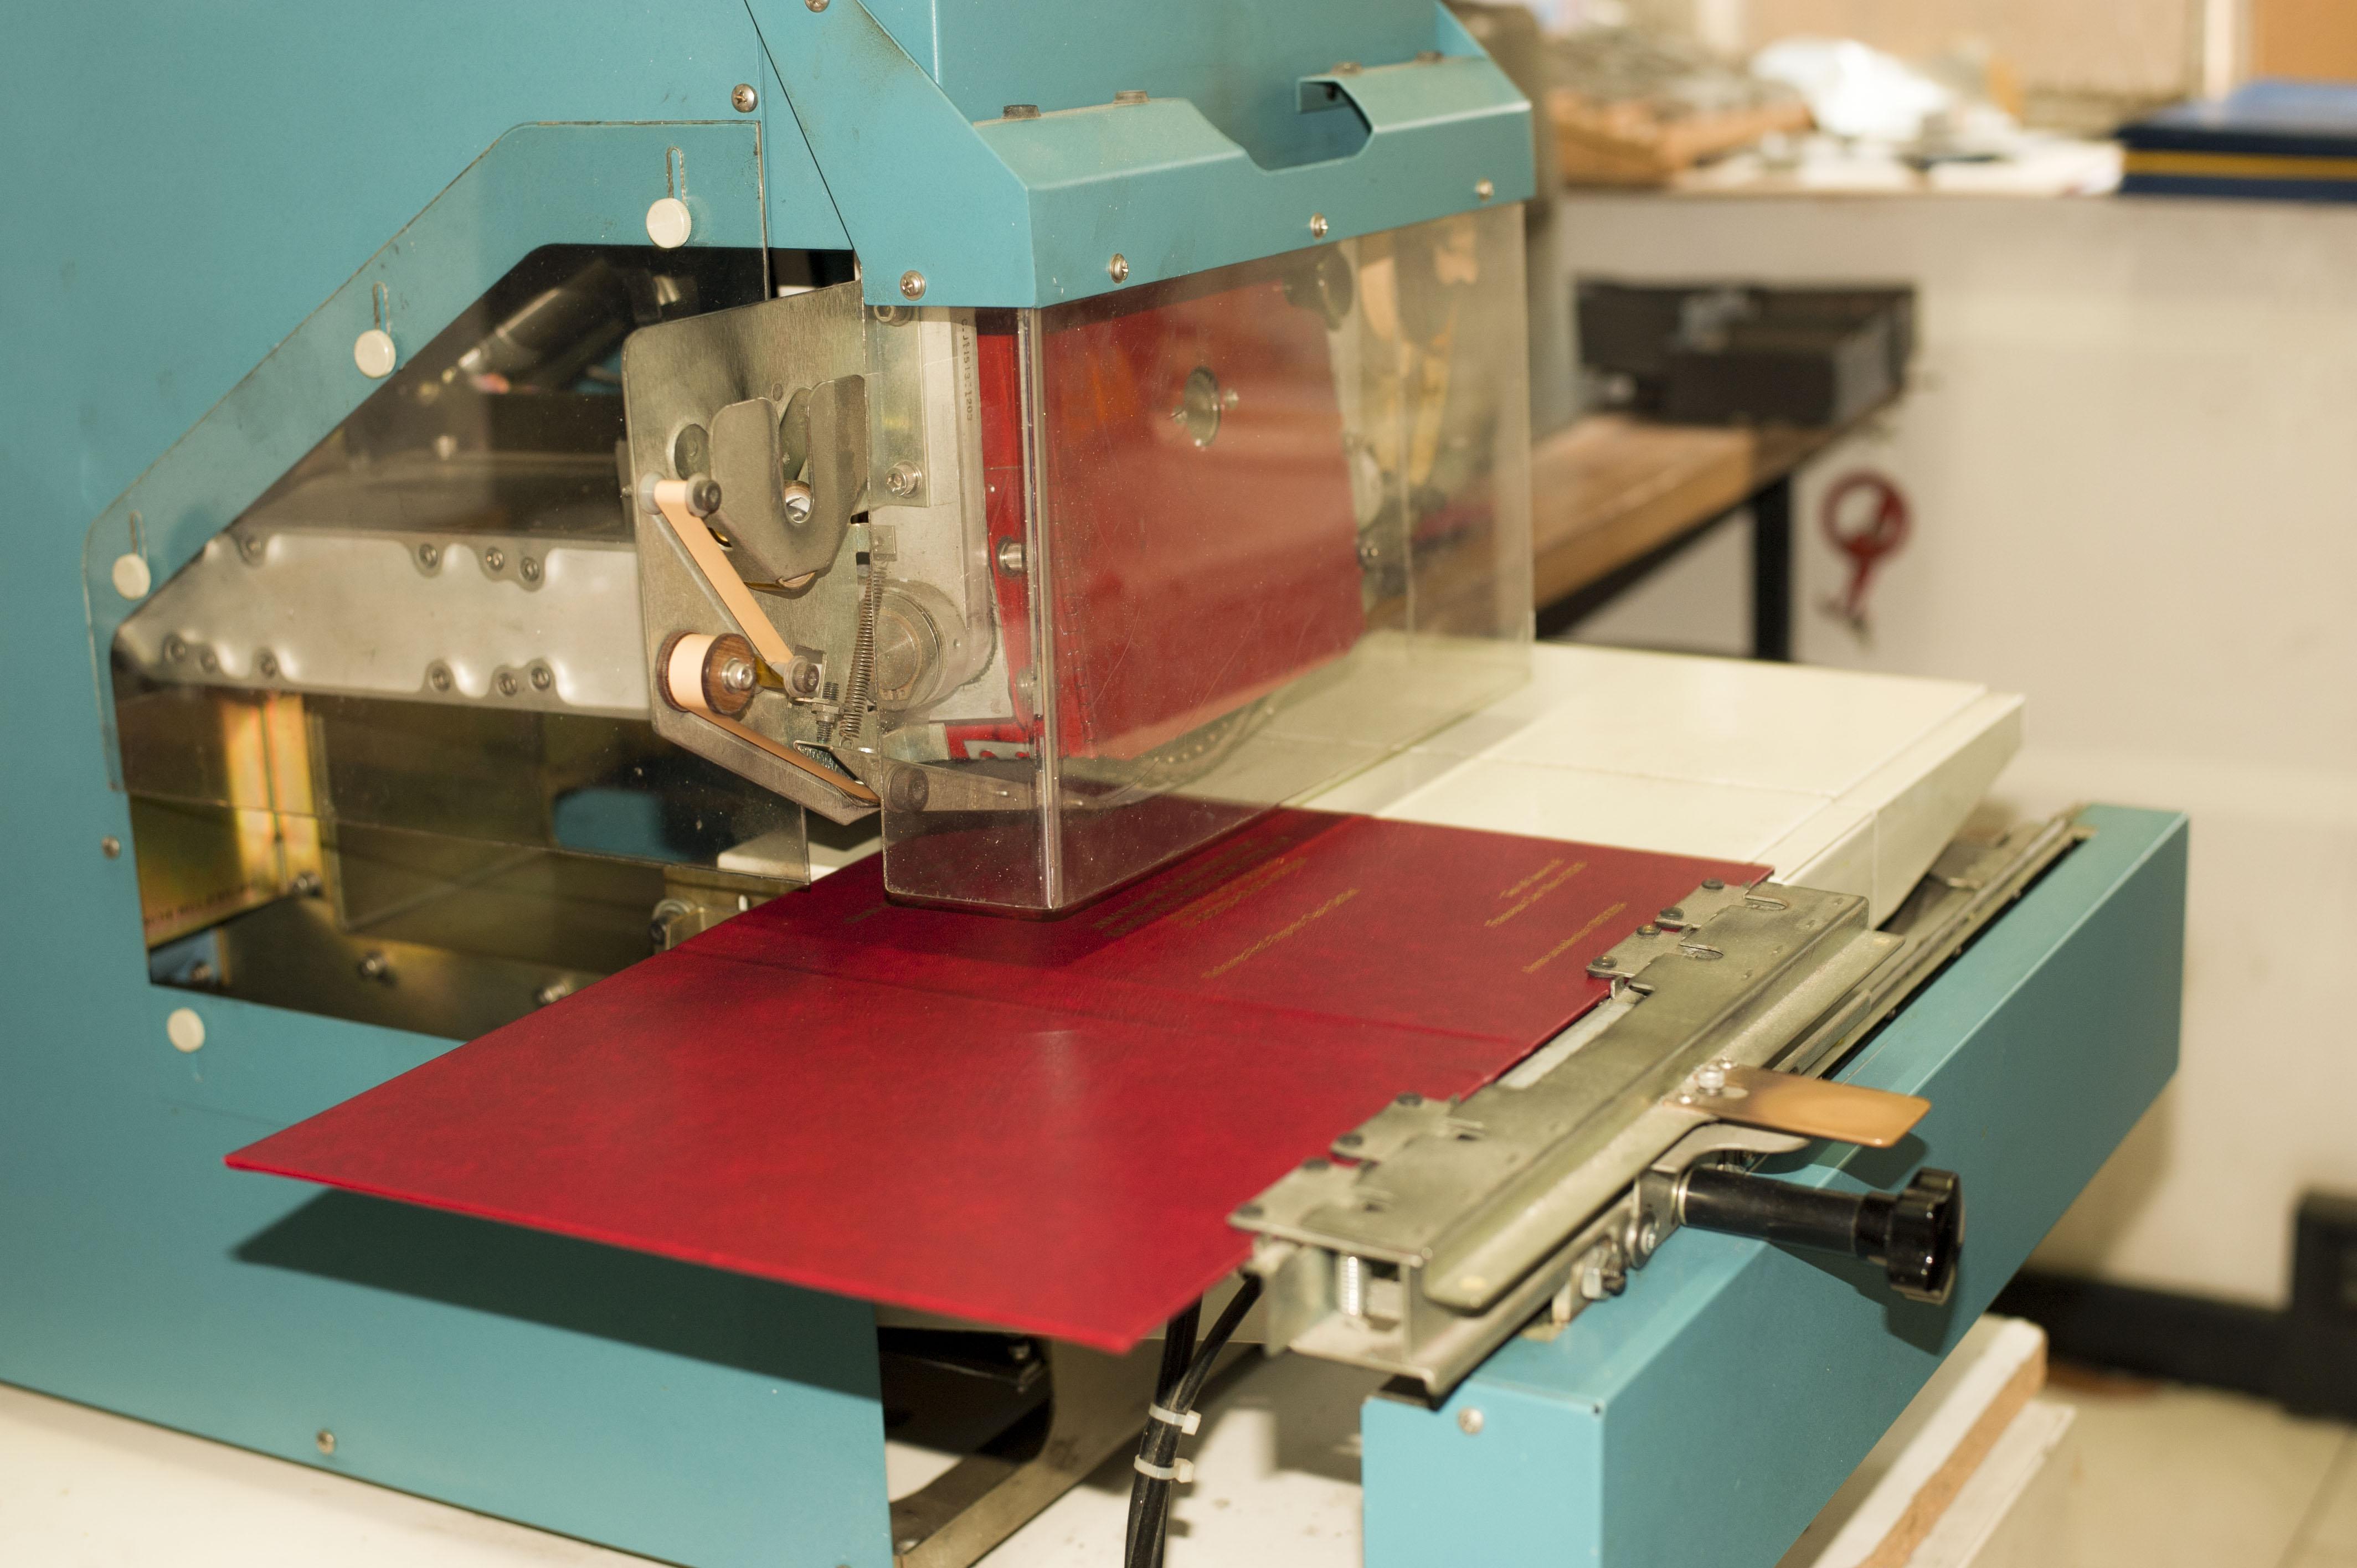 Un dettaglio della macchina di stampaggio a caldo